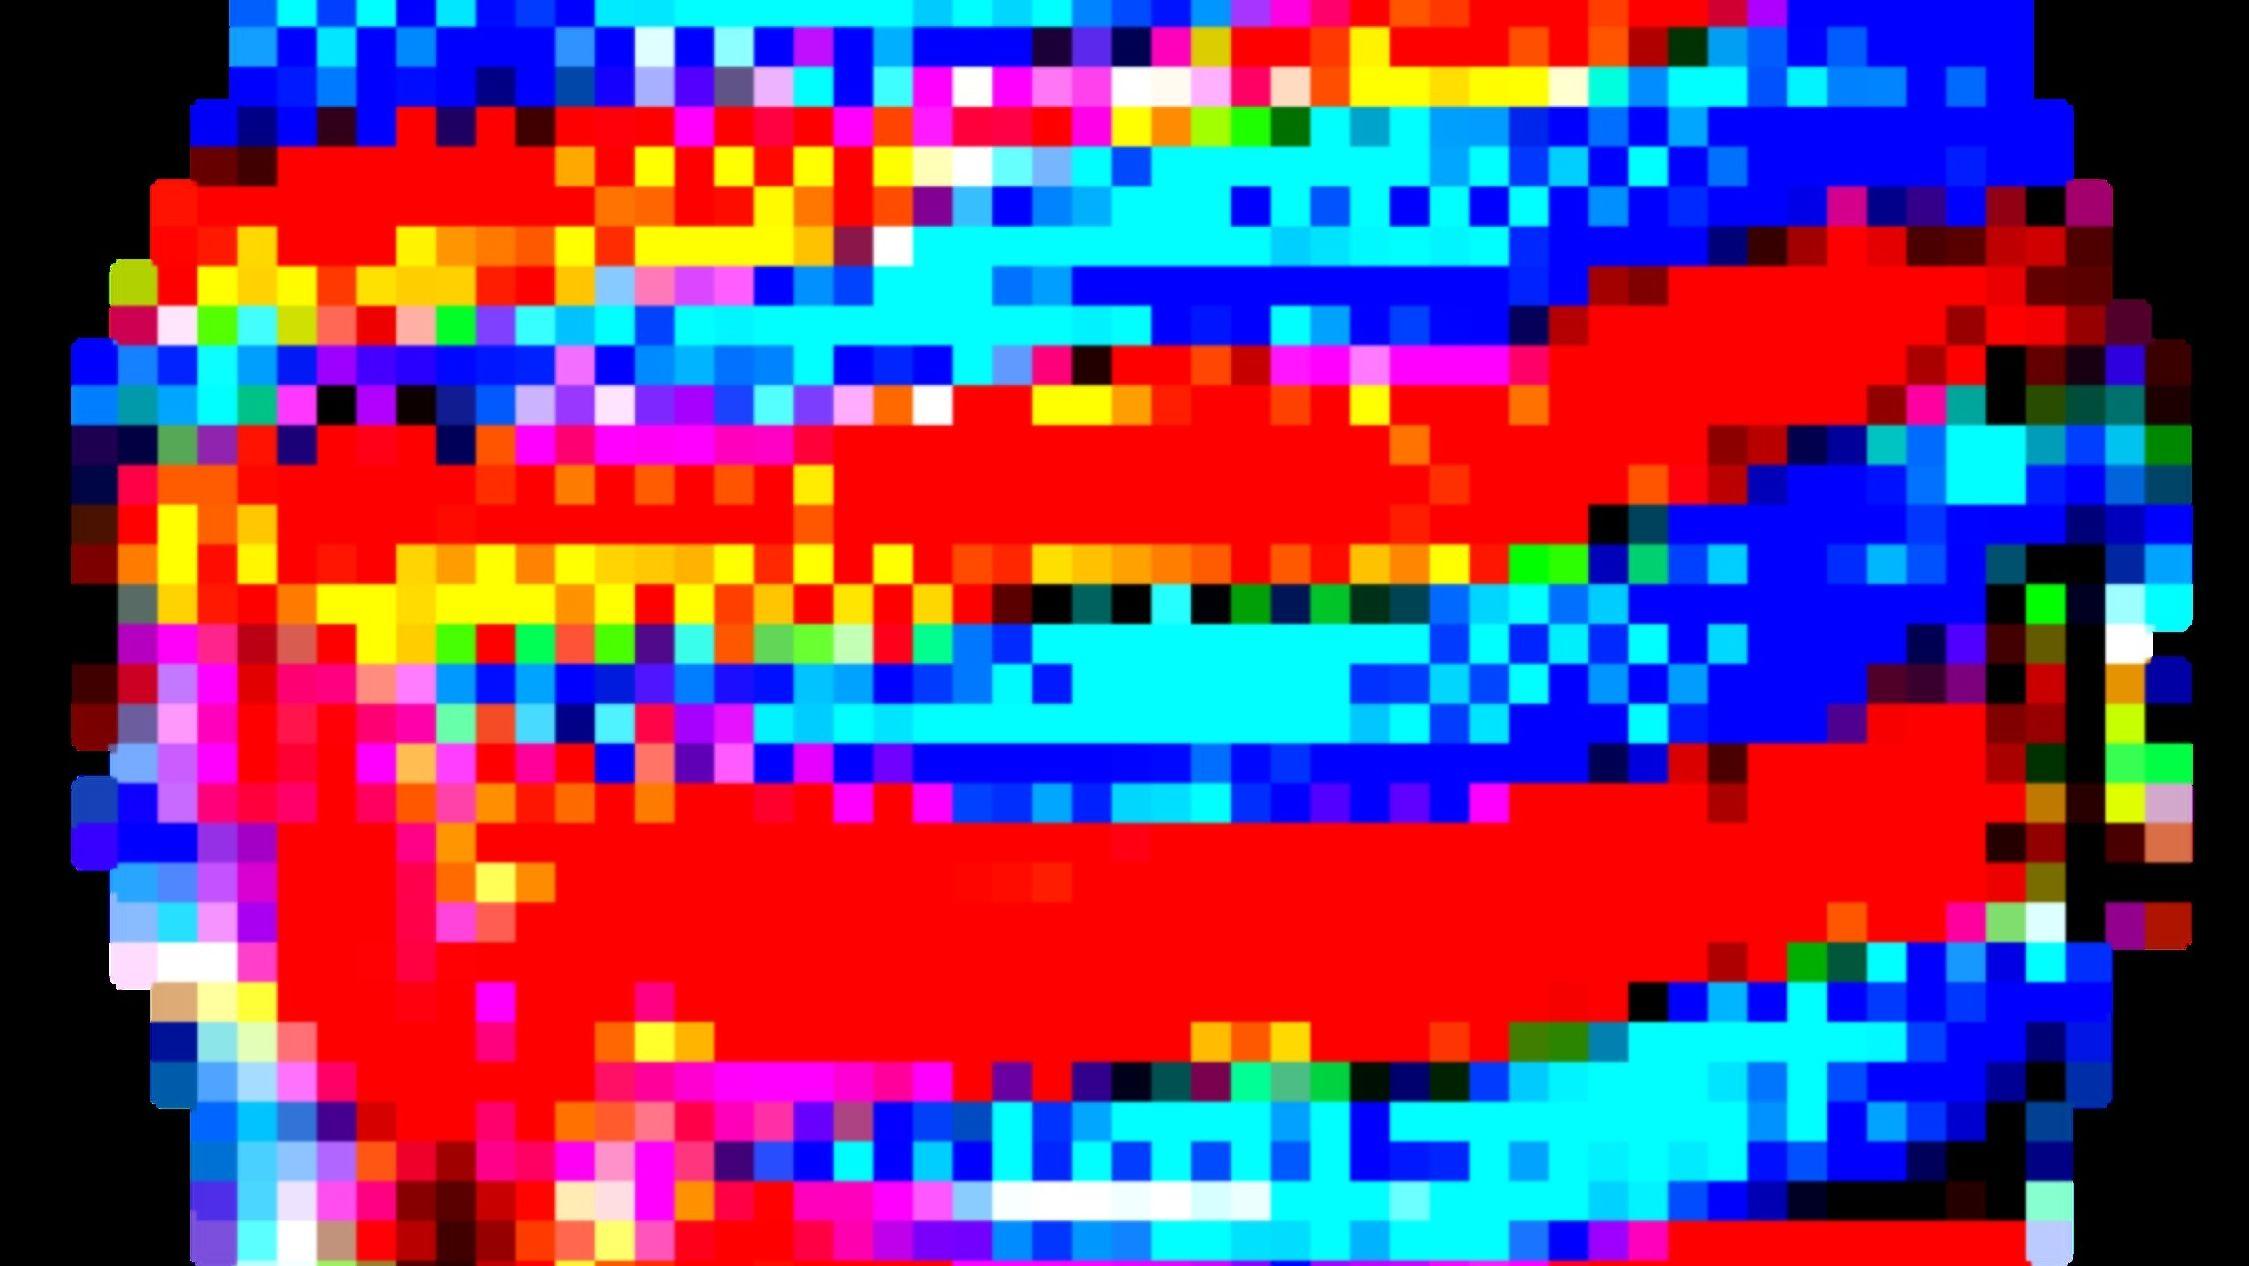 In der Forschungsarbeit verwendetes Farbmuster